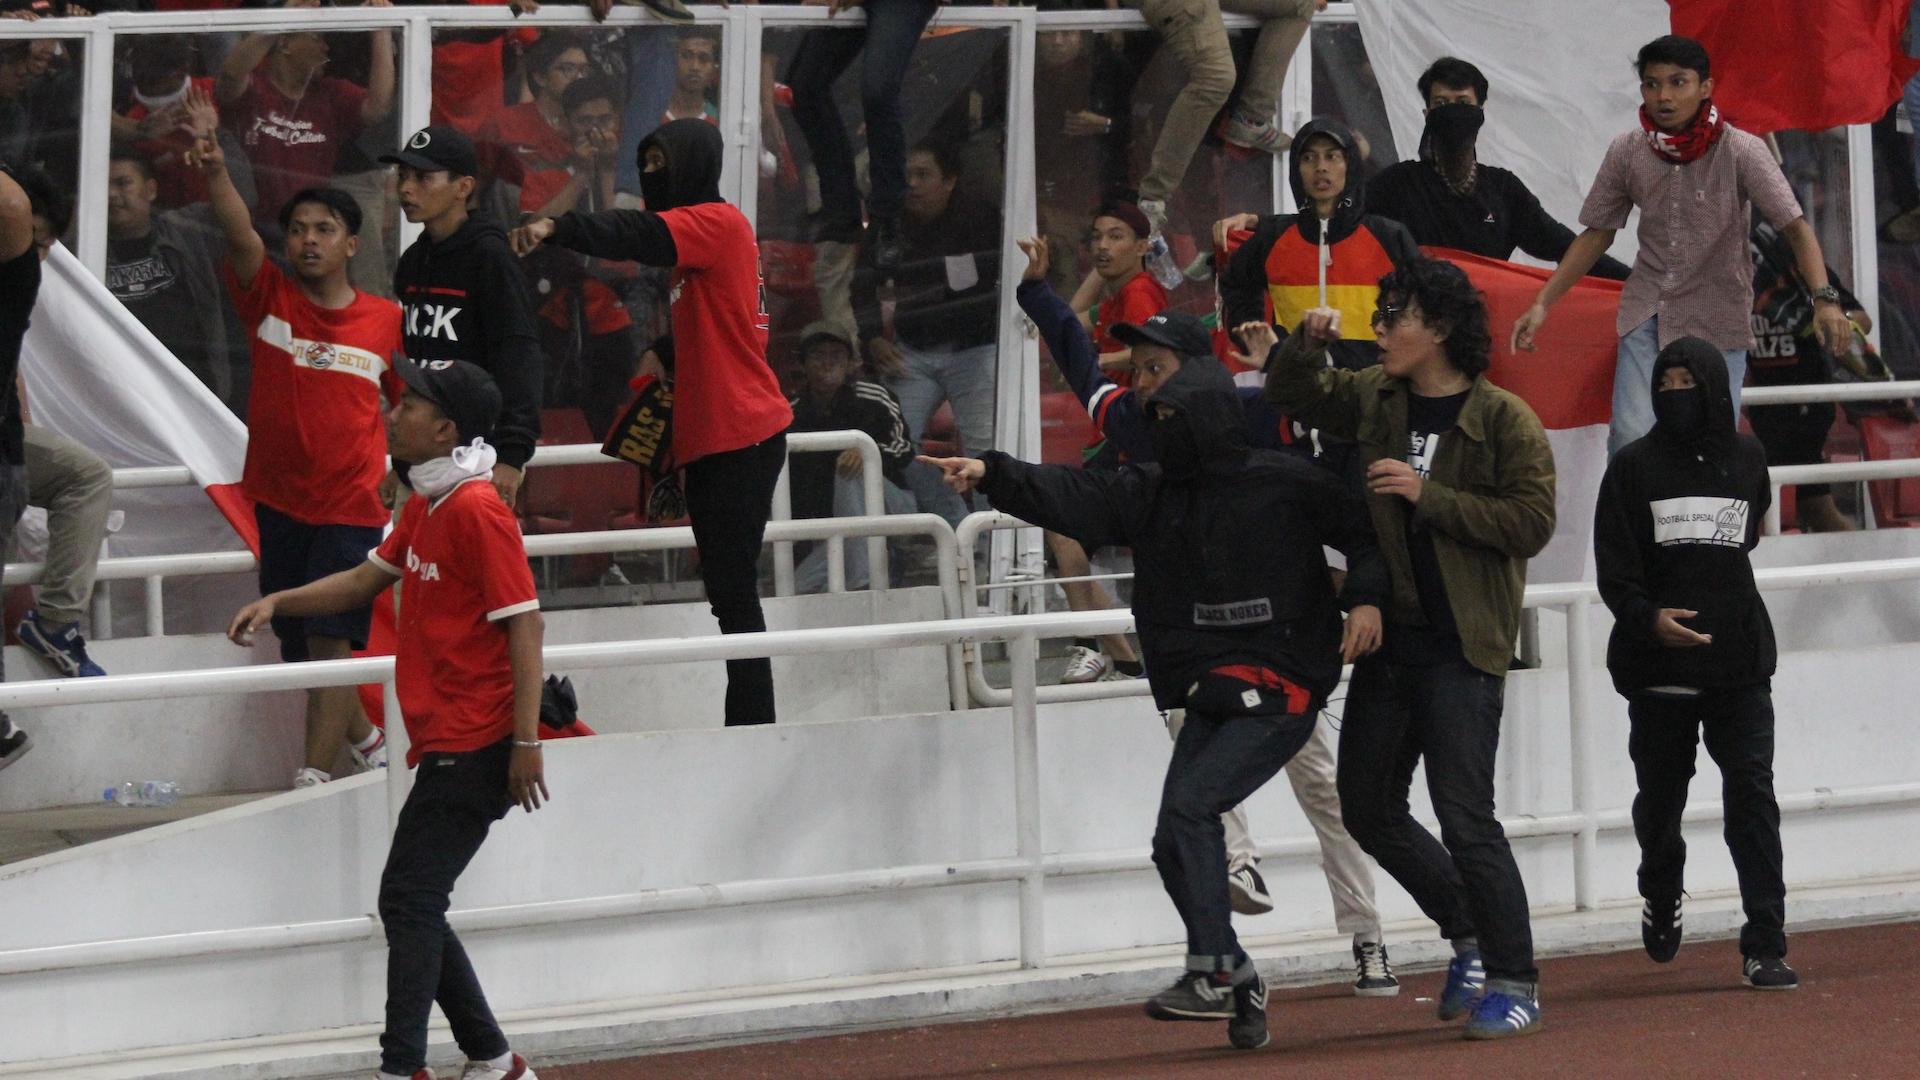 CĐV Indonesia gây bạo loạn, ĐT Việt Nam vô tình hưởng lợi cực lớn 3